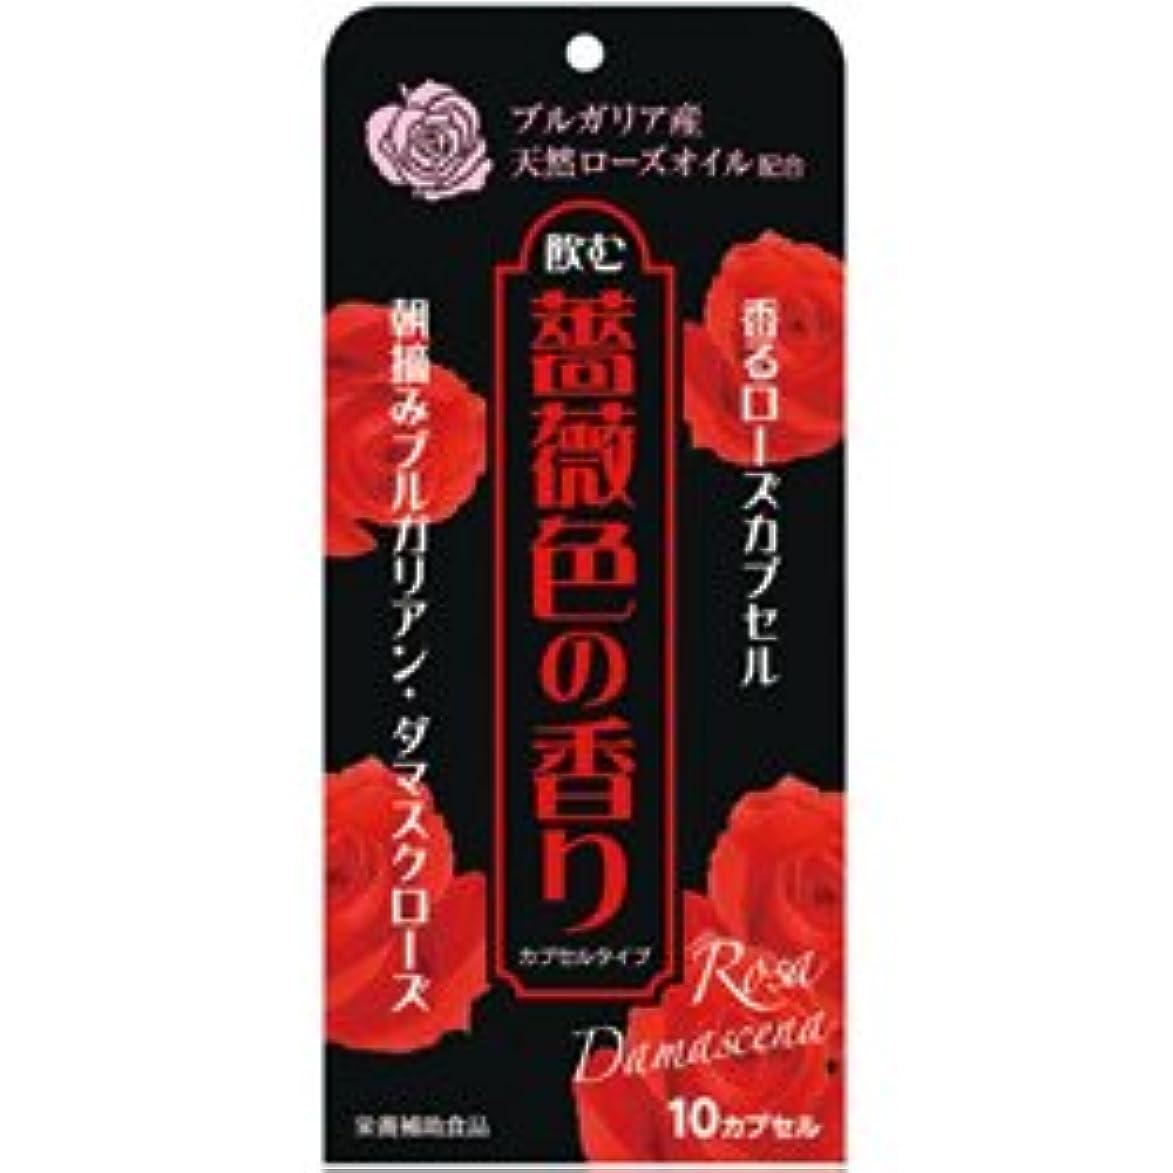 地質学気取らない妊娠した【ウェルネスジャパン】飲む薔薇色の香り 10カプセル ×3個セット